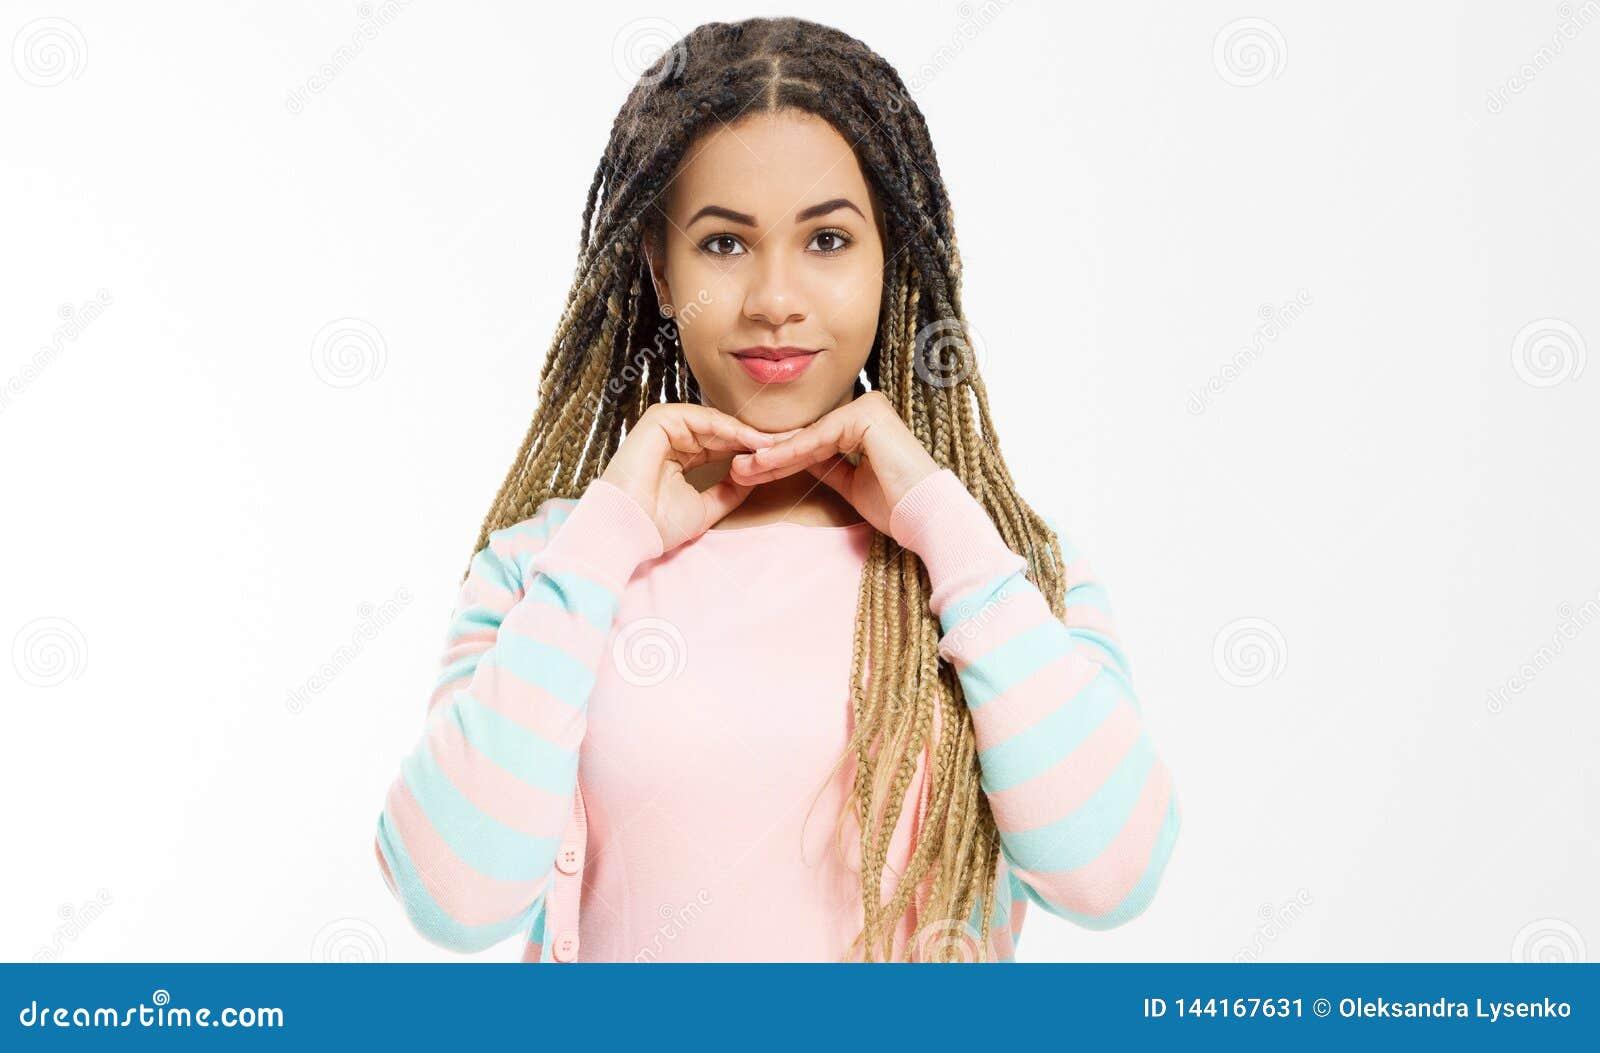 Мечтающ и сделать концепцию желания Афро-американская девушка в одеждах моды изолированных на белой предпосылке Хипстер женщины с